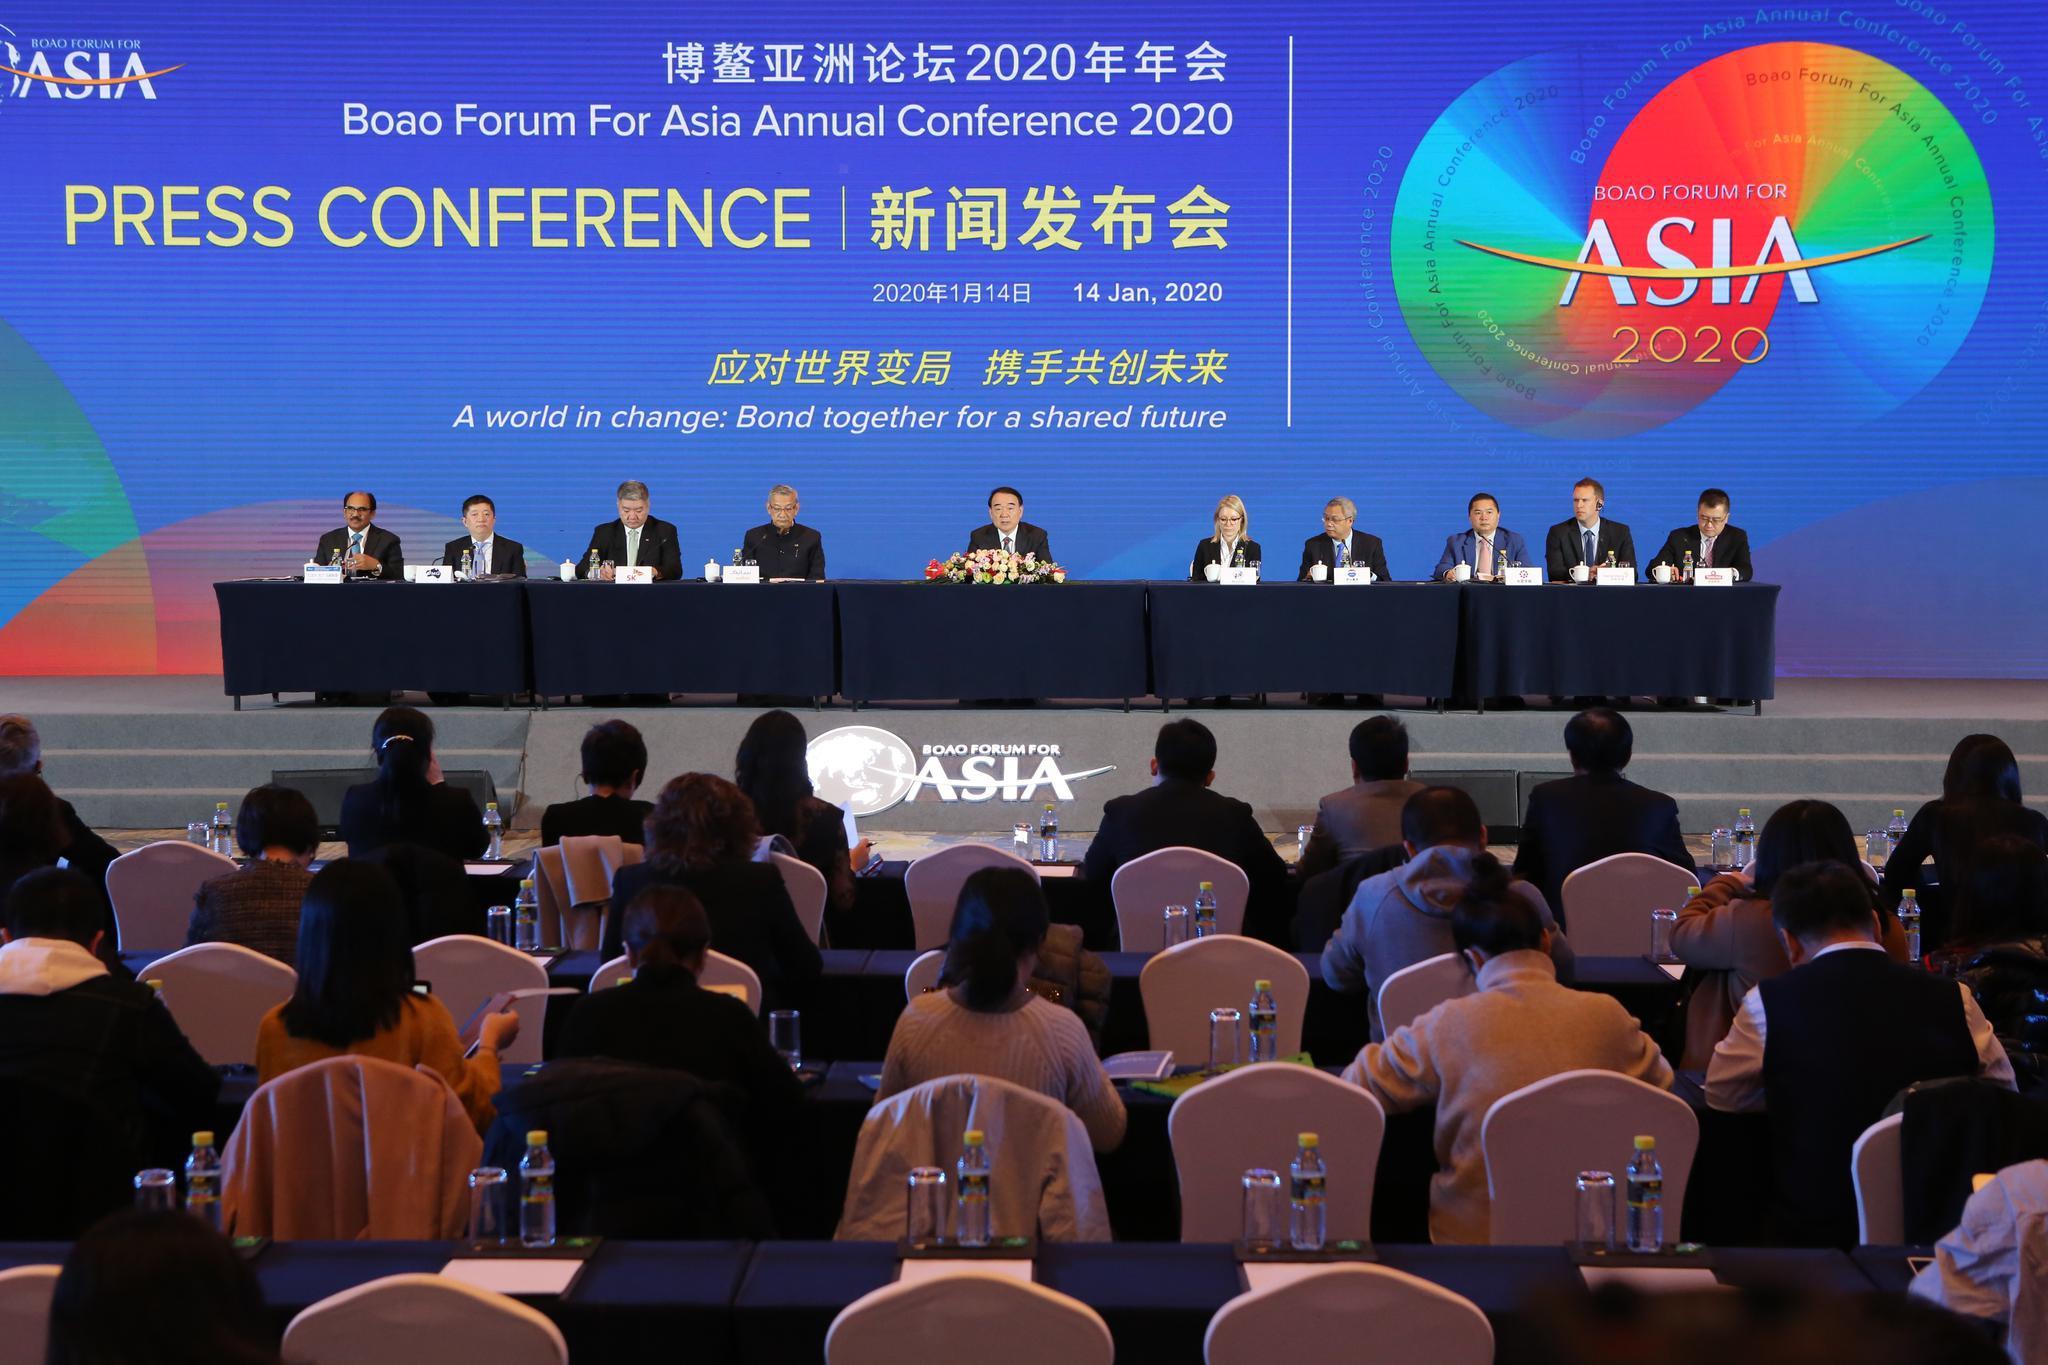 博鳌论坛李保东:亚洲总体增长势头有望得到保持图片